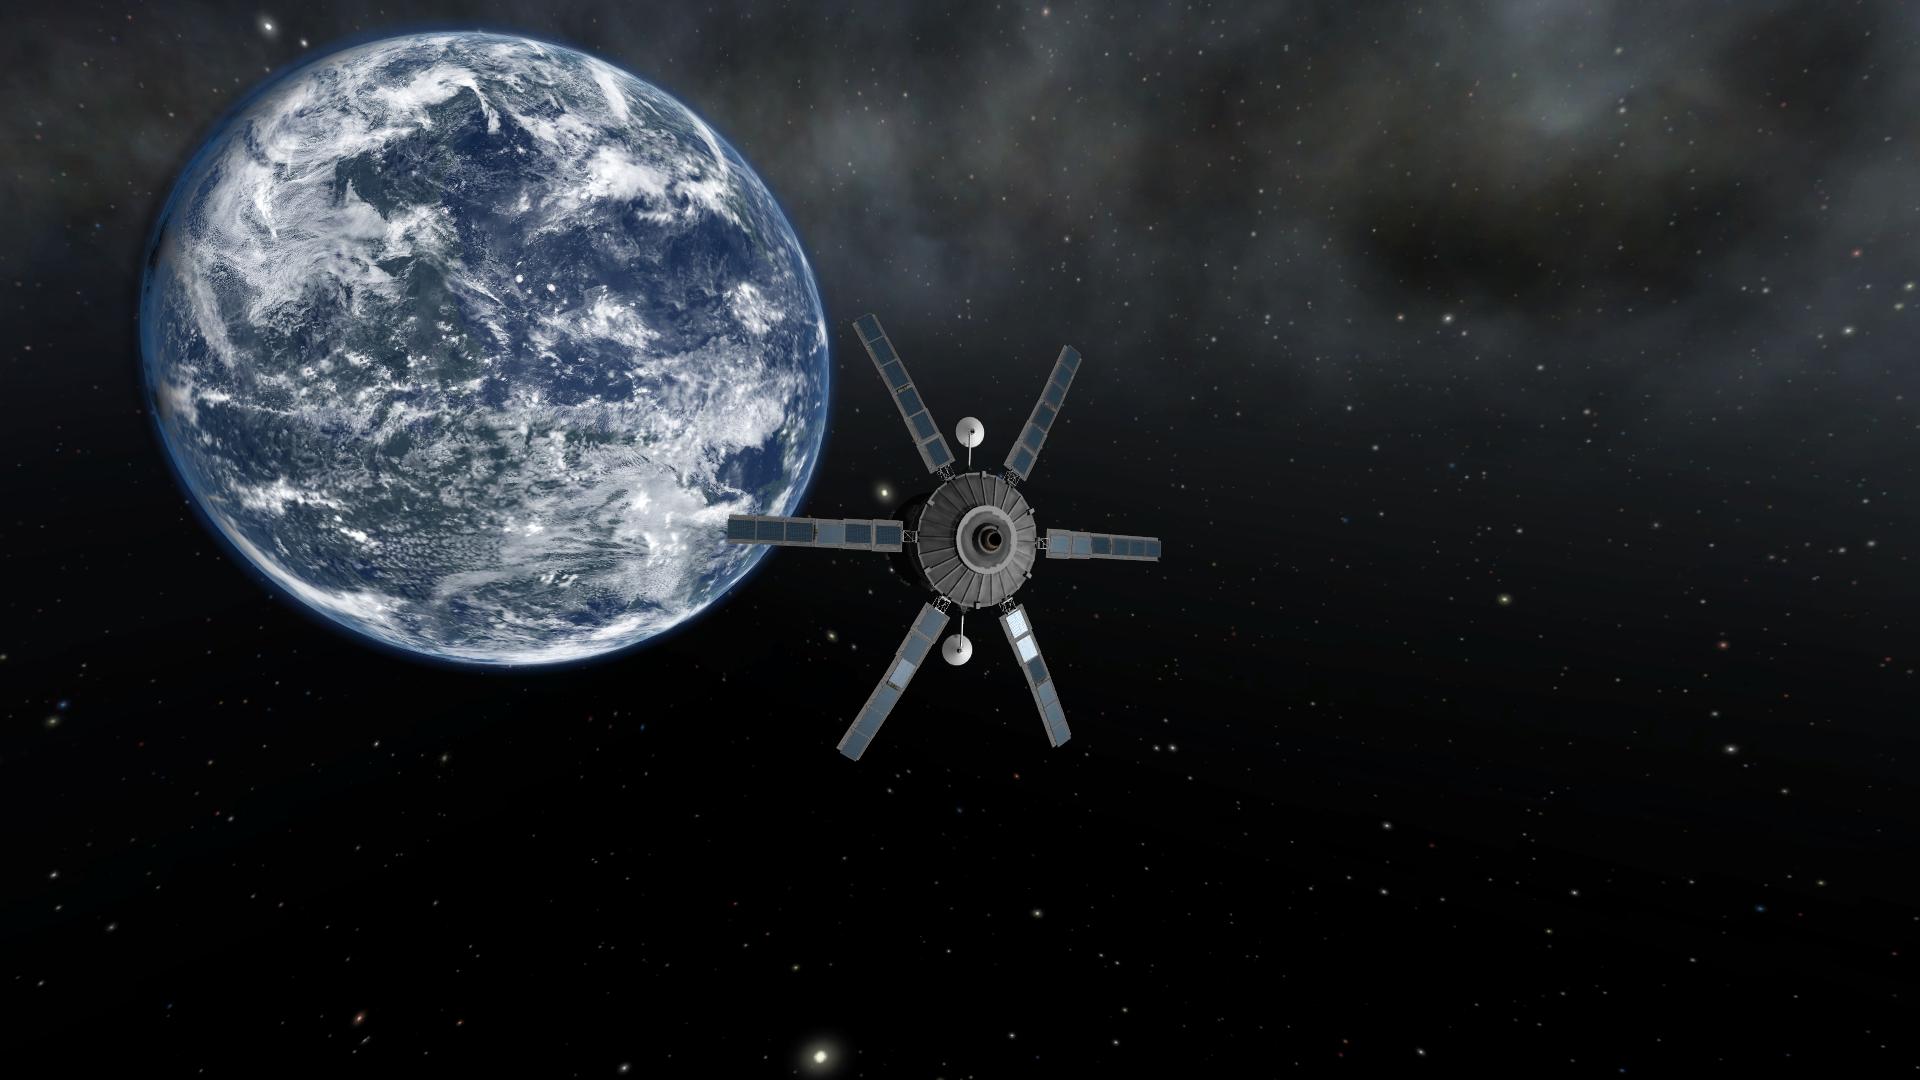 Советская угроза из космоса: ученые США сообщили, что скоро на Землю упадет спутник СССР